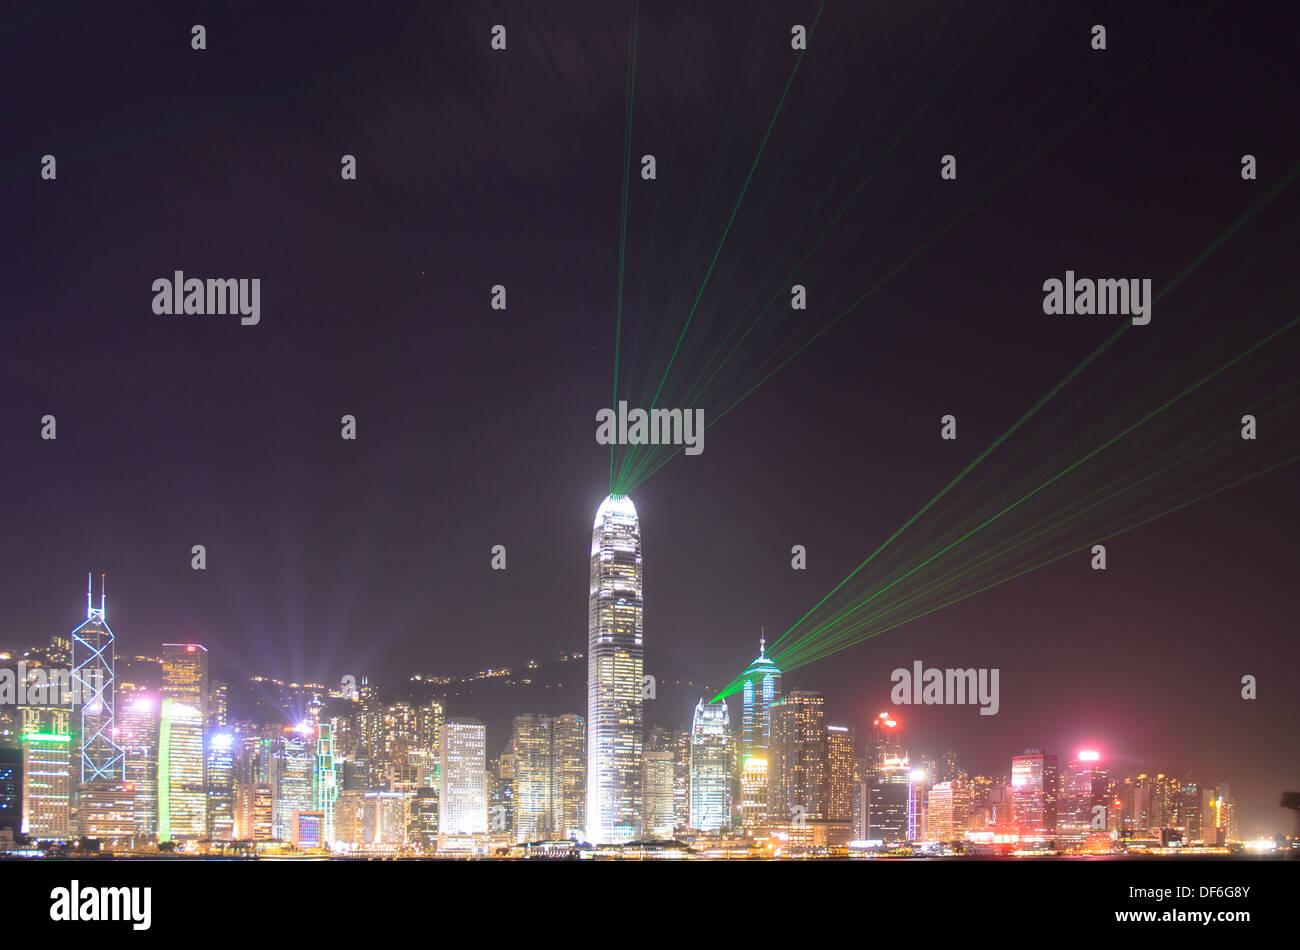 hongkong,china,lights,night,city, - Stock Image